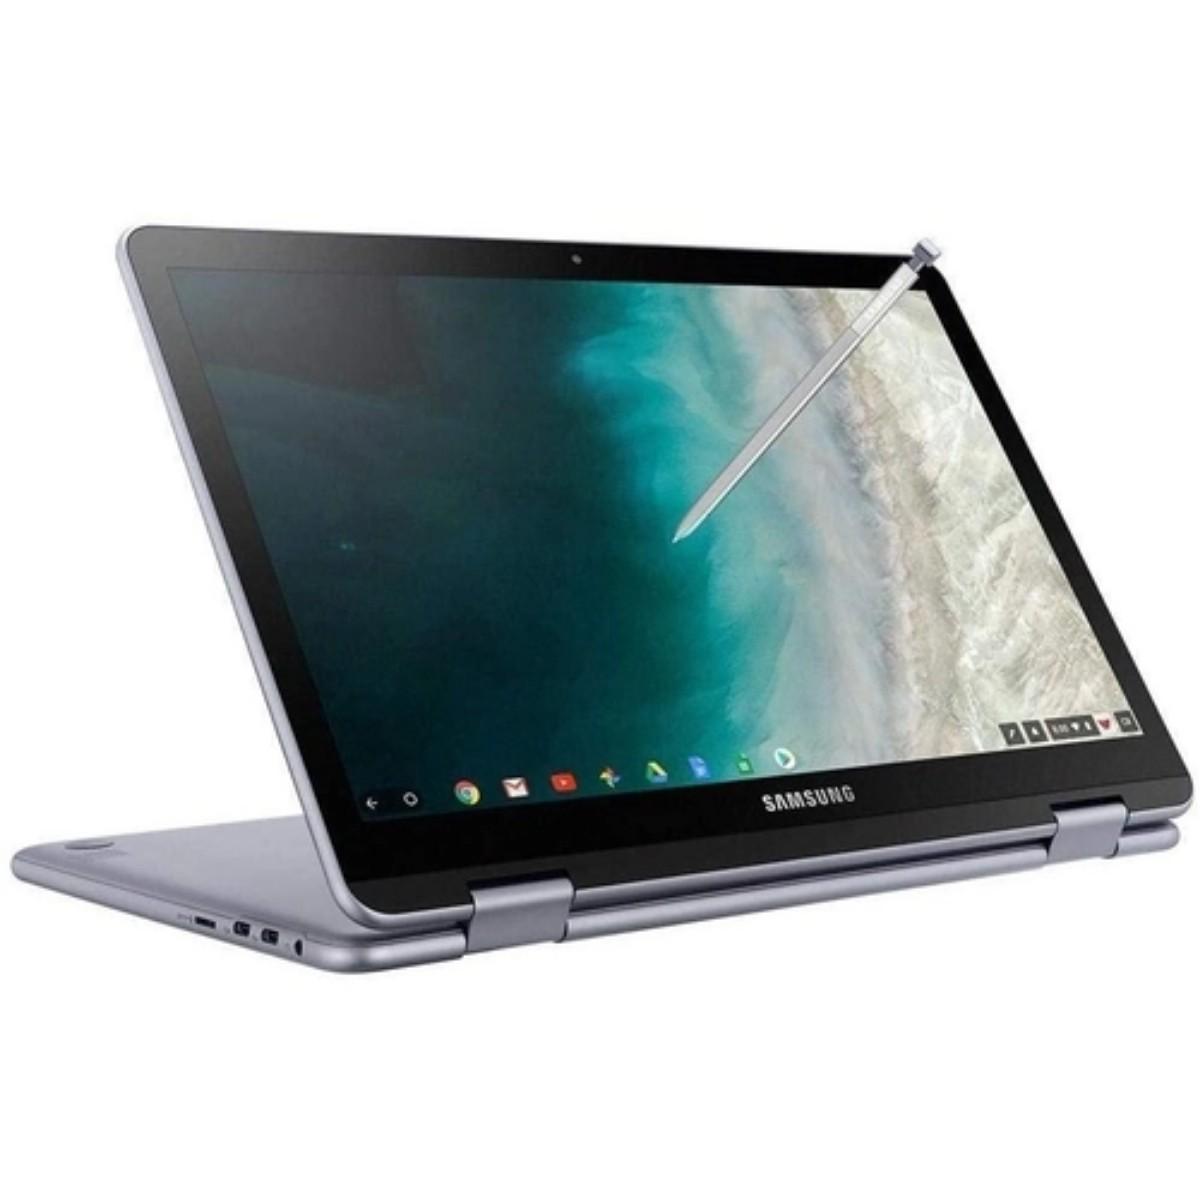 Imagem do notebook modelo Samsung Chromebook Plus